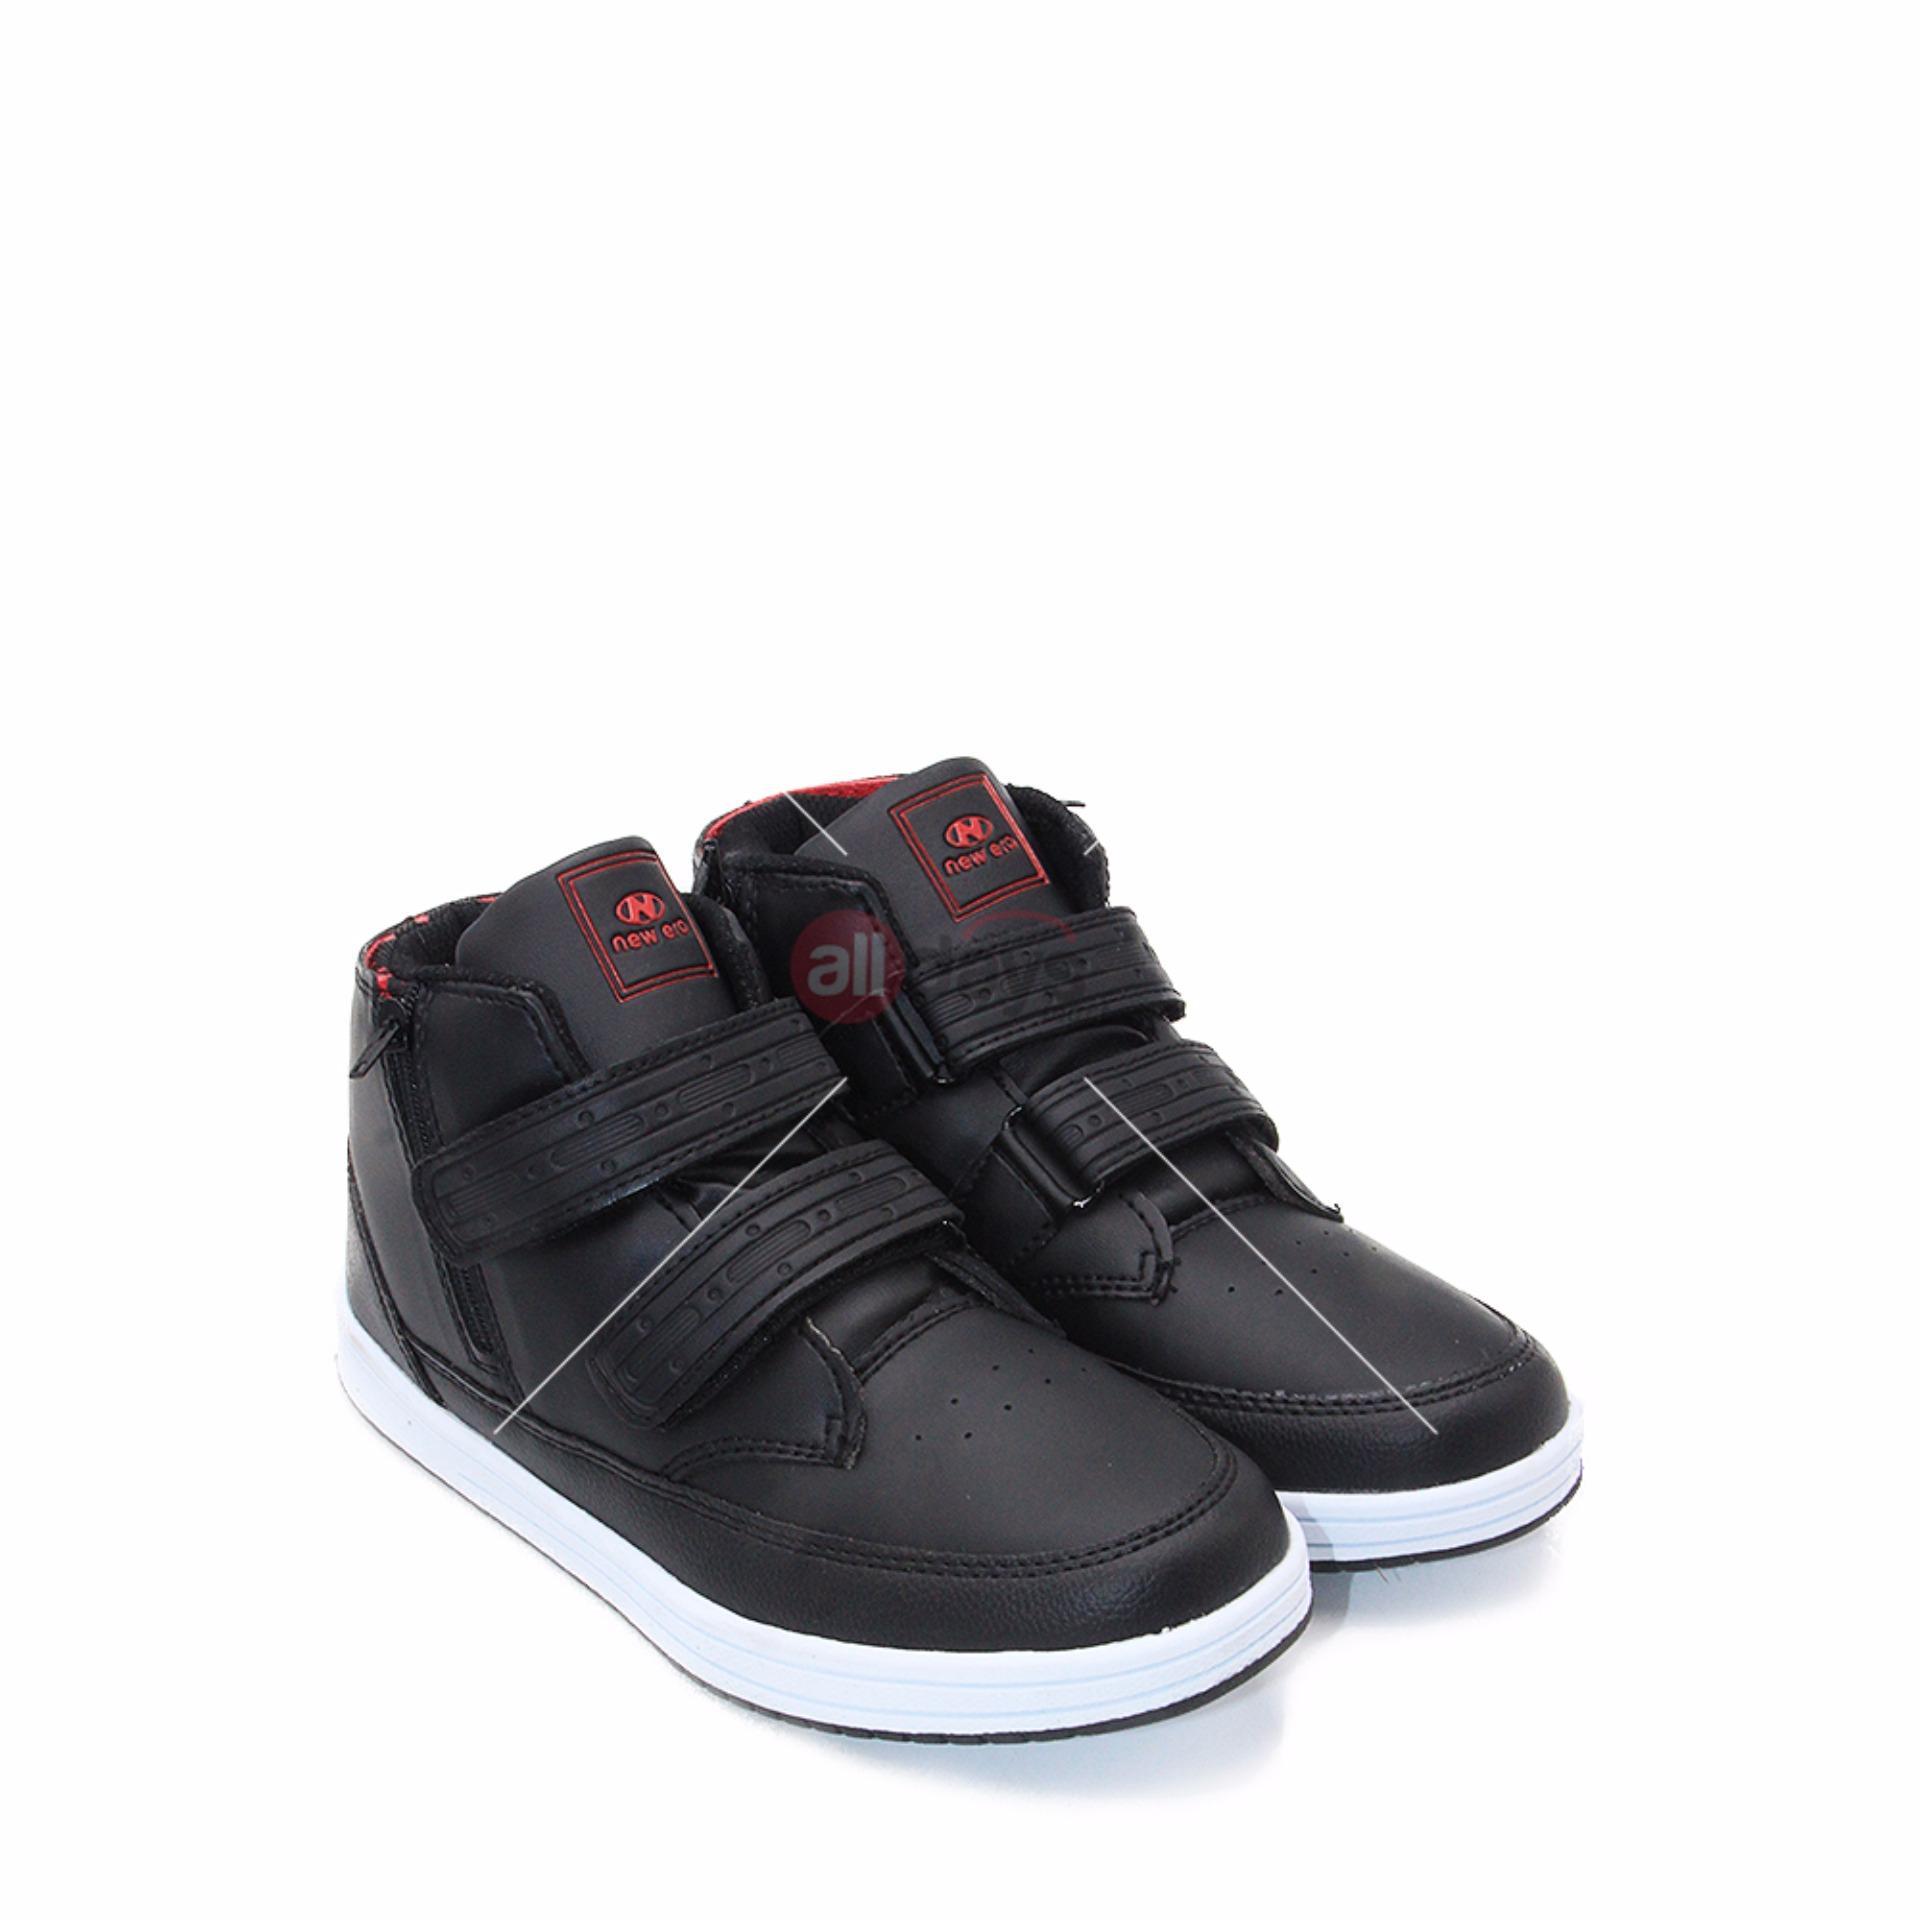 Toko New Era Sepatu Boot Sneakers Anak Laki Laki Sepatu Sokolah Marshal Black Red Size 34 37 Di Dki Jakarta